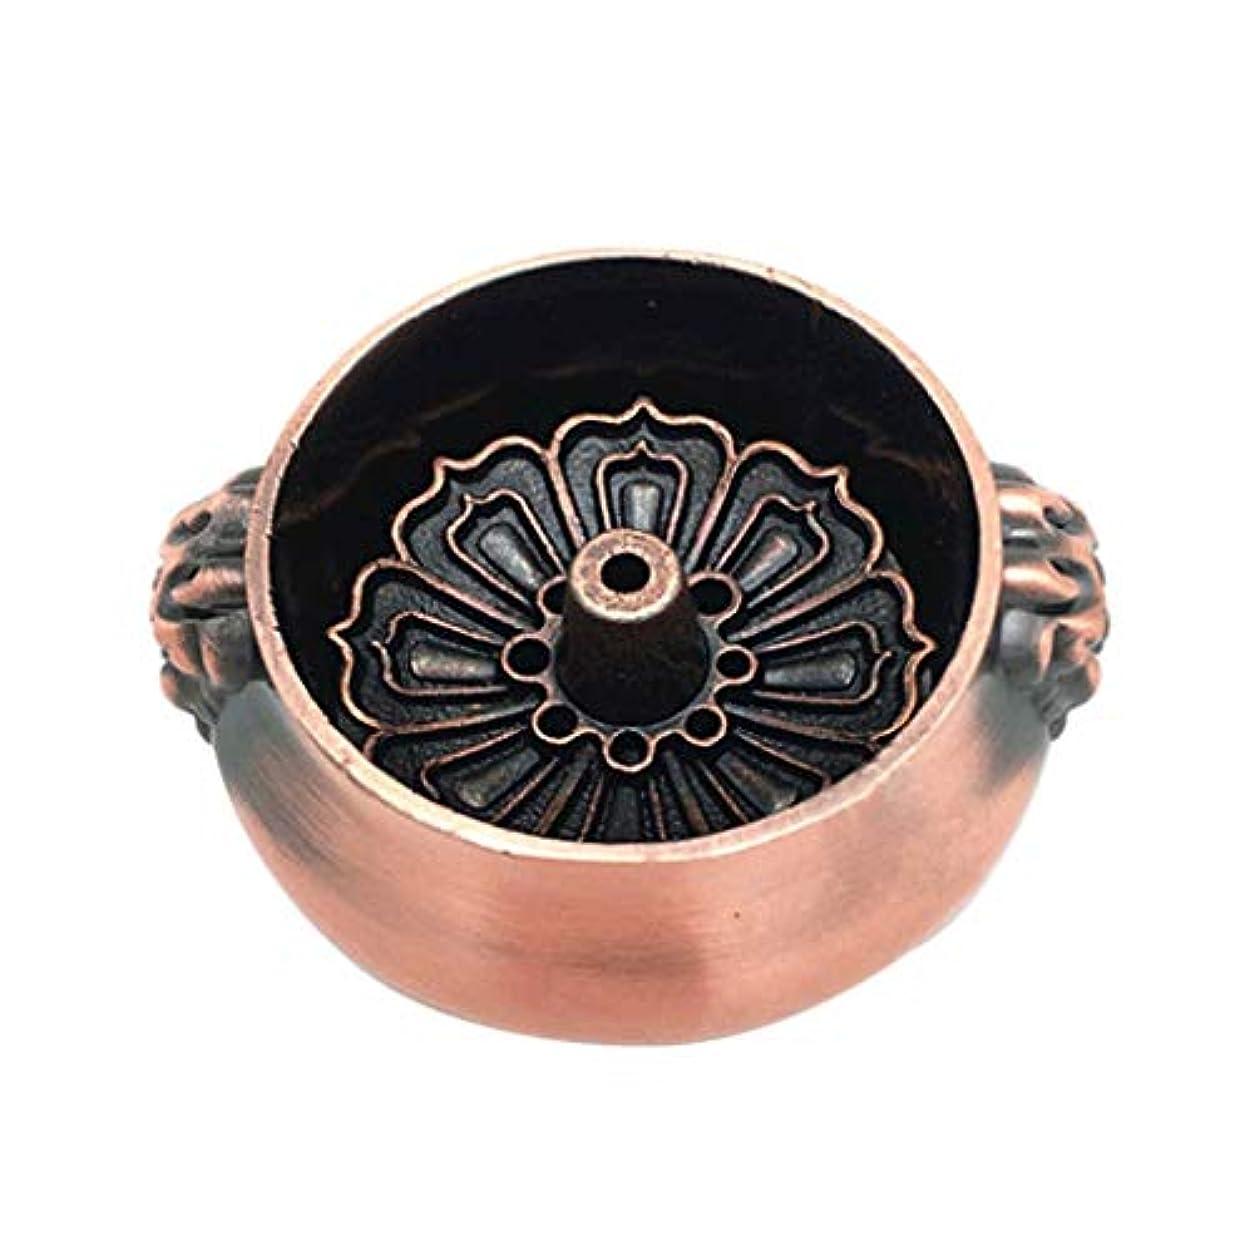 ビット安全でないクランプアンティーク合金銅香バーナースティックライン香コイルロータス形状香クリエイティブホームデコレーション香ホルダー (Color : Brass, サイズ : 2.36*1.06inchs)